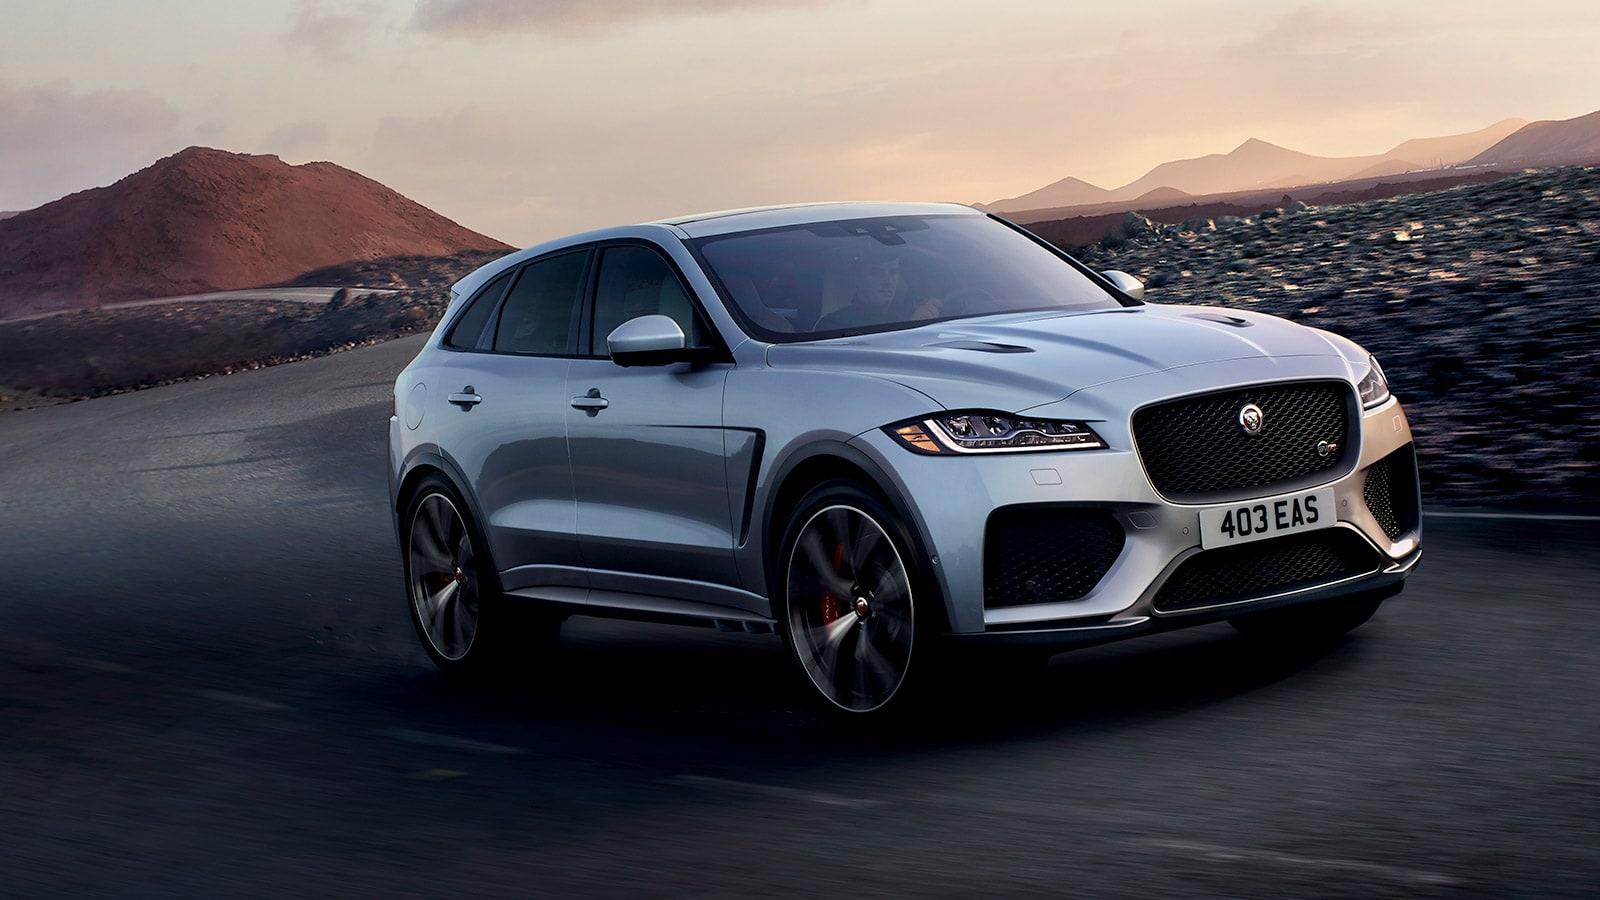 2019 Jaguar F-Pace SVR - Cover